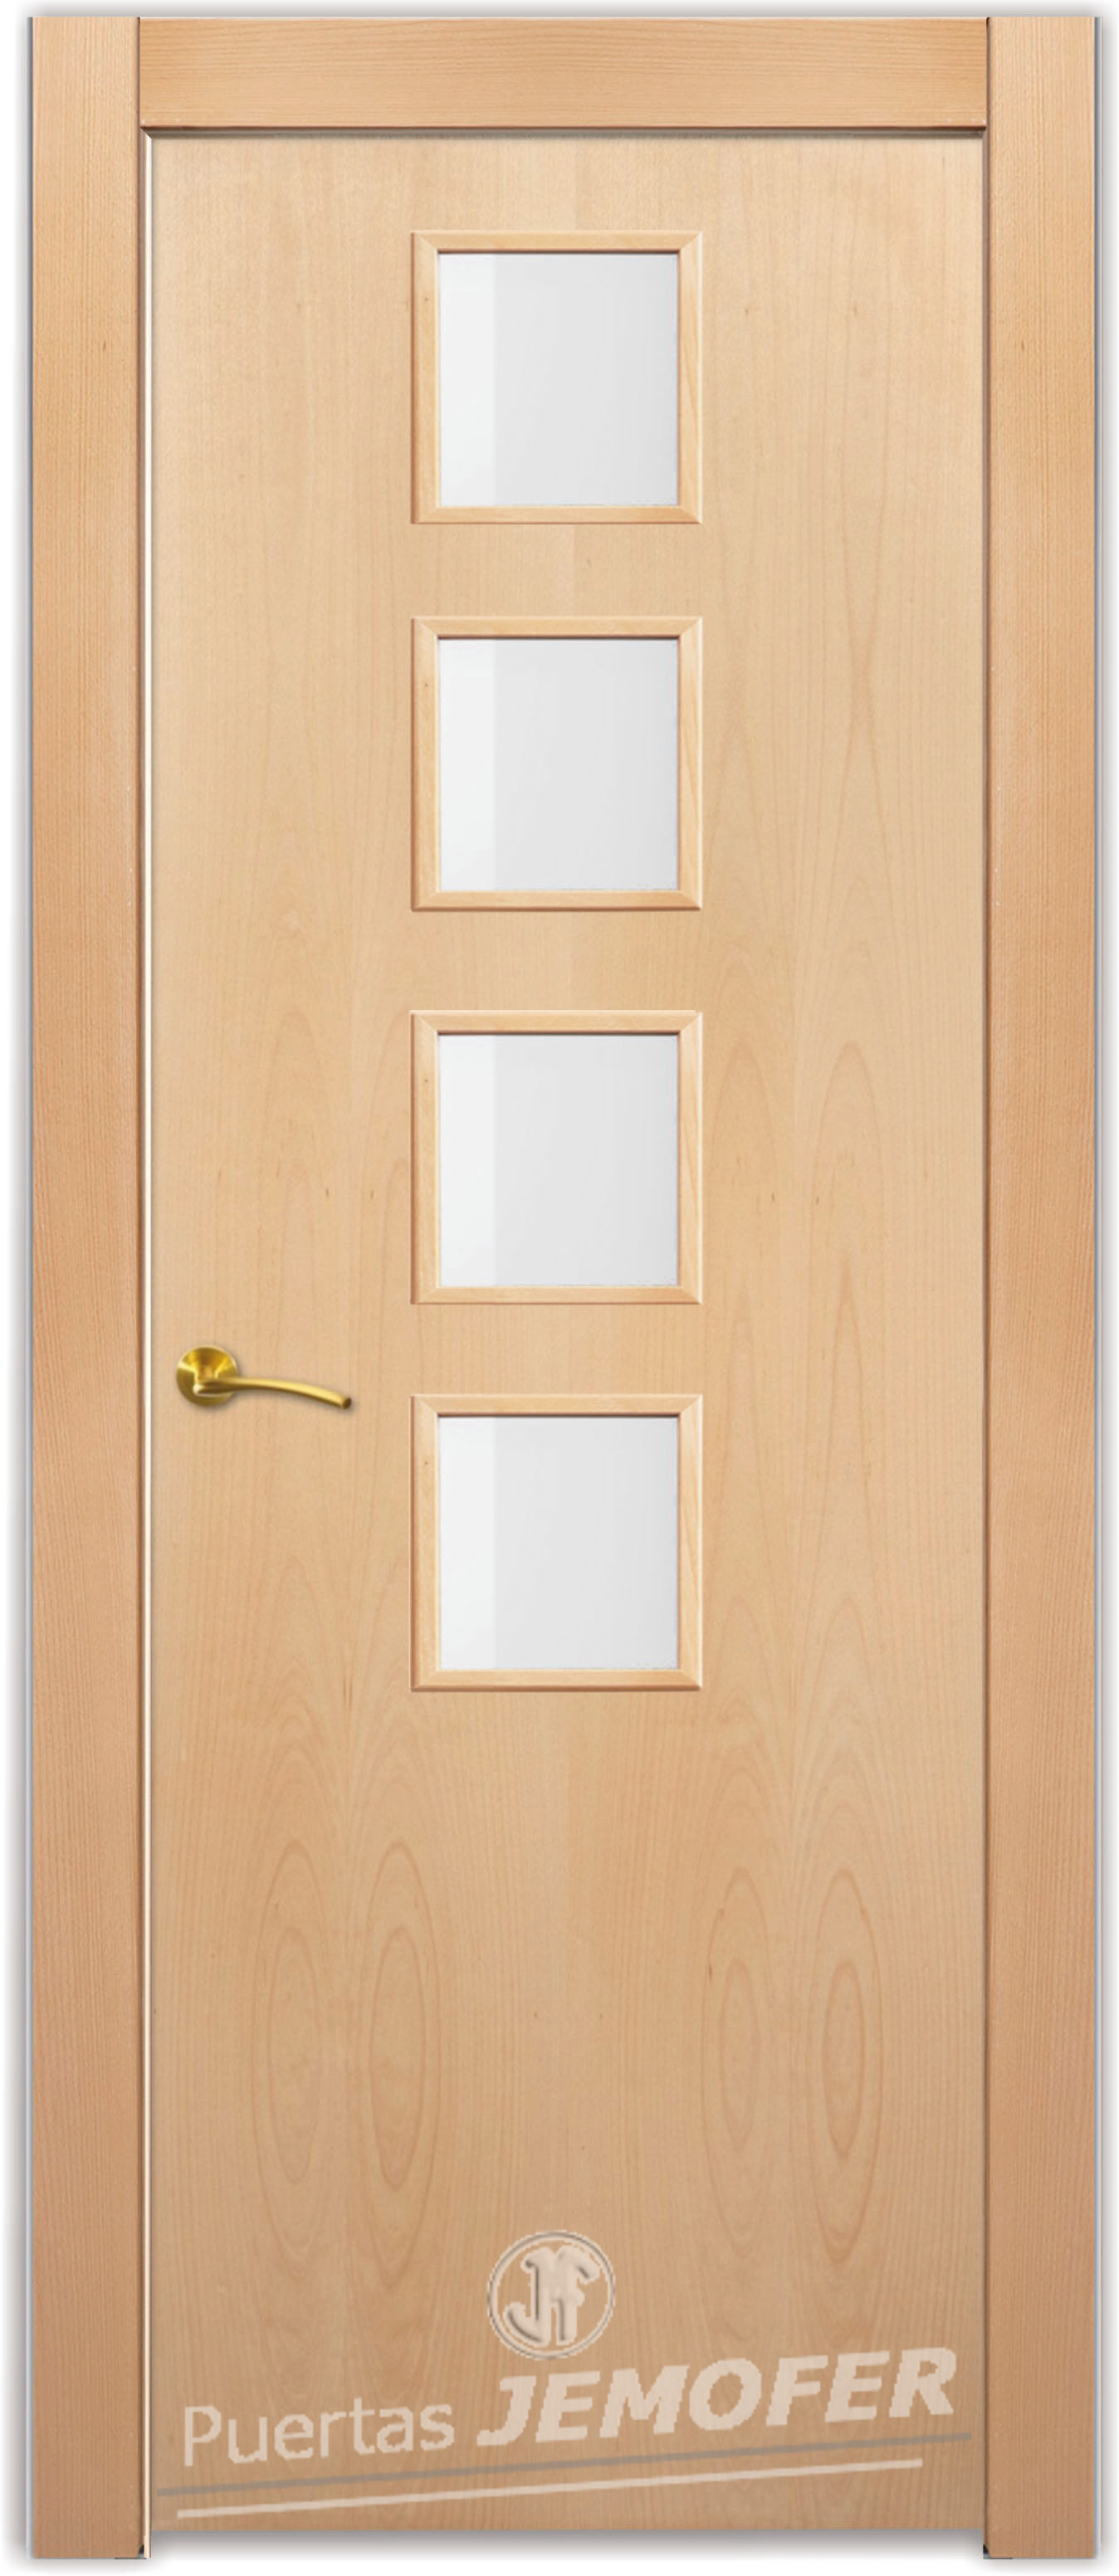 Puerta interior moderna l1 4vc puertas jemofer for Puertas vaiven modernas